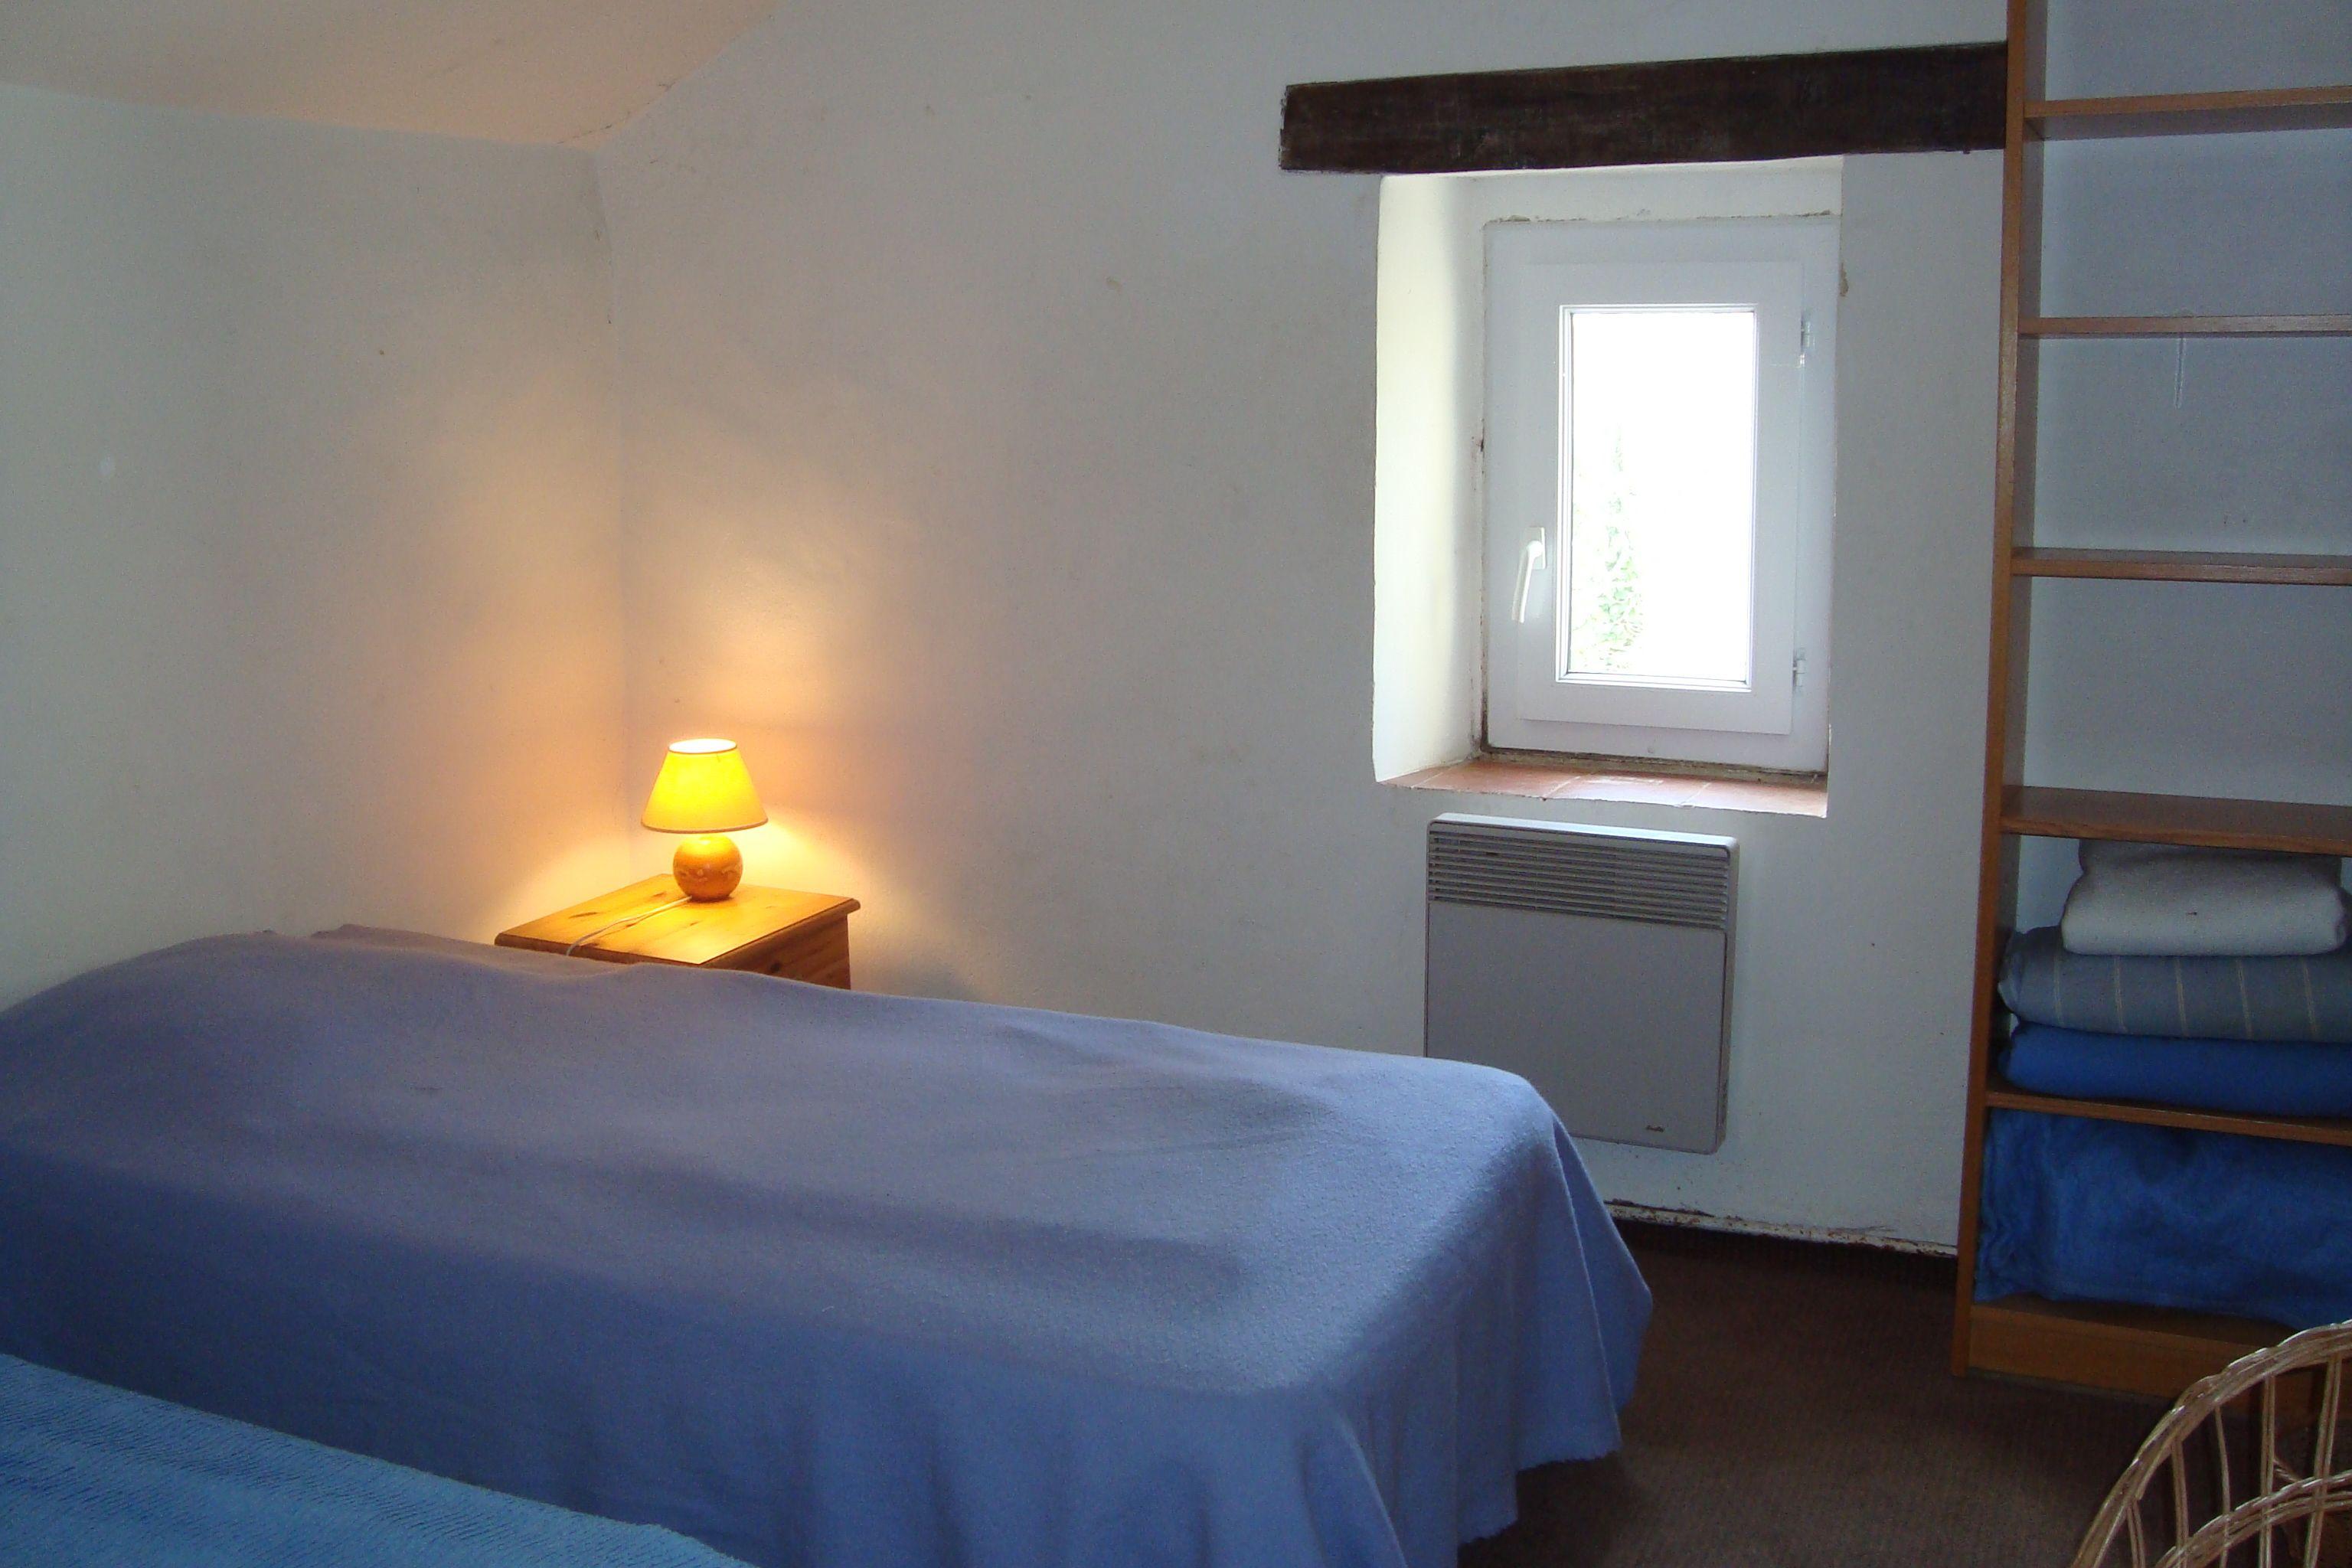 Chambre l'Etang, 2 lits jumeaux, une fenêtre donnant sur l'étang, 2 tables de nuit, une étagère à 6 rayonnages, porte-manteaux sur la porte